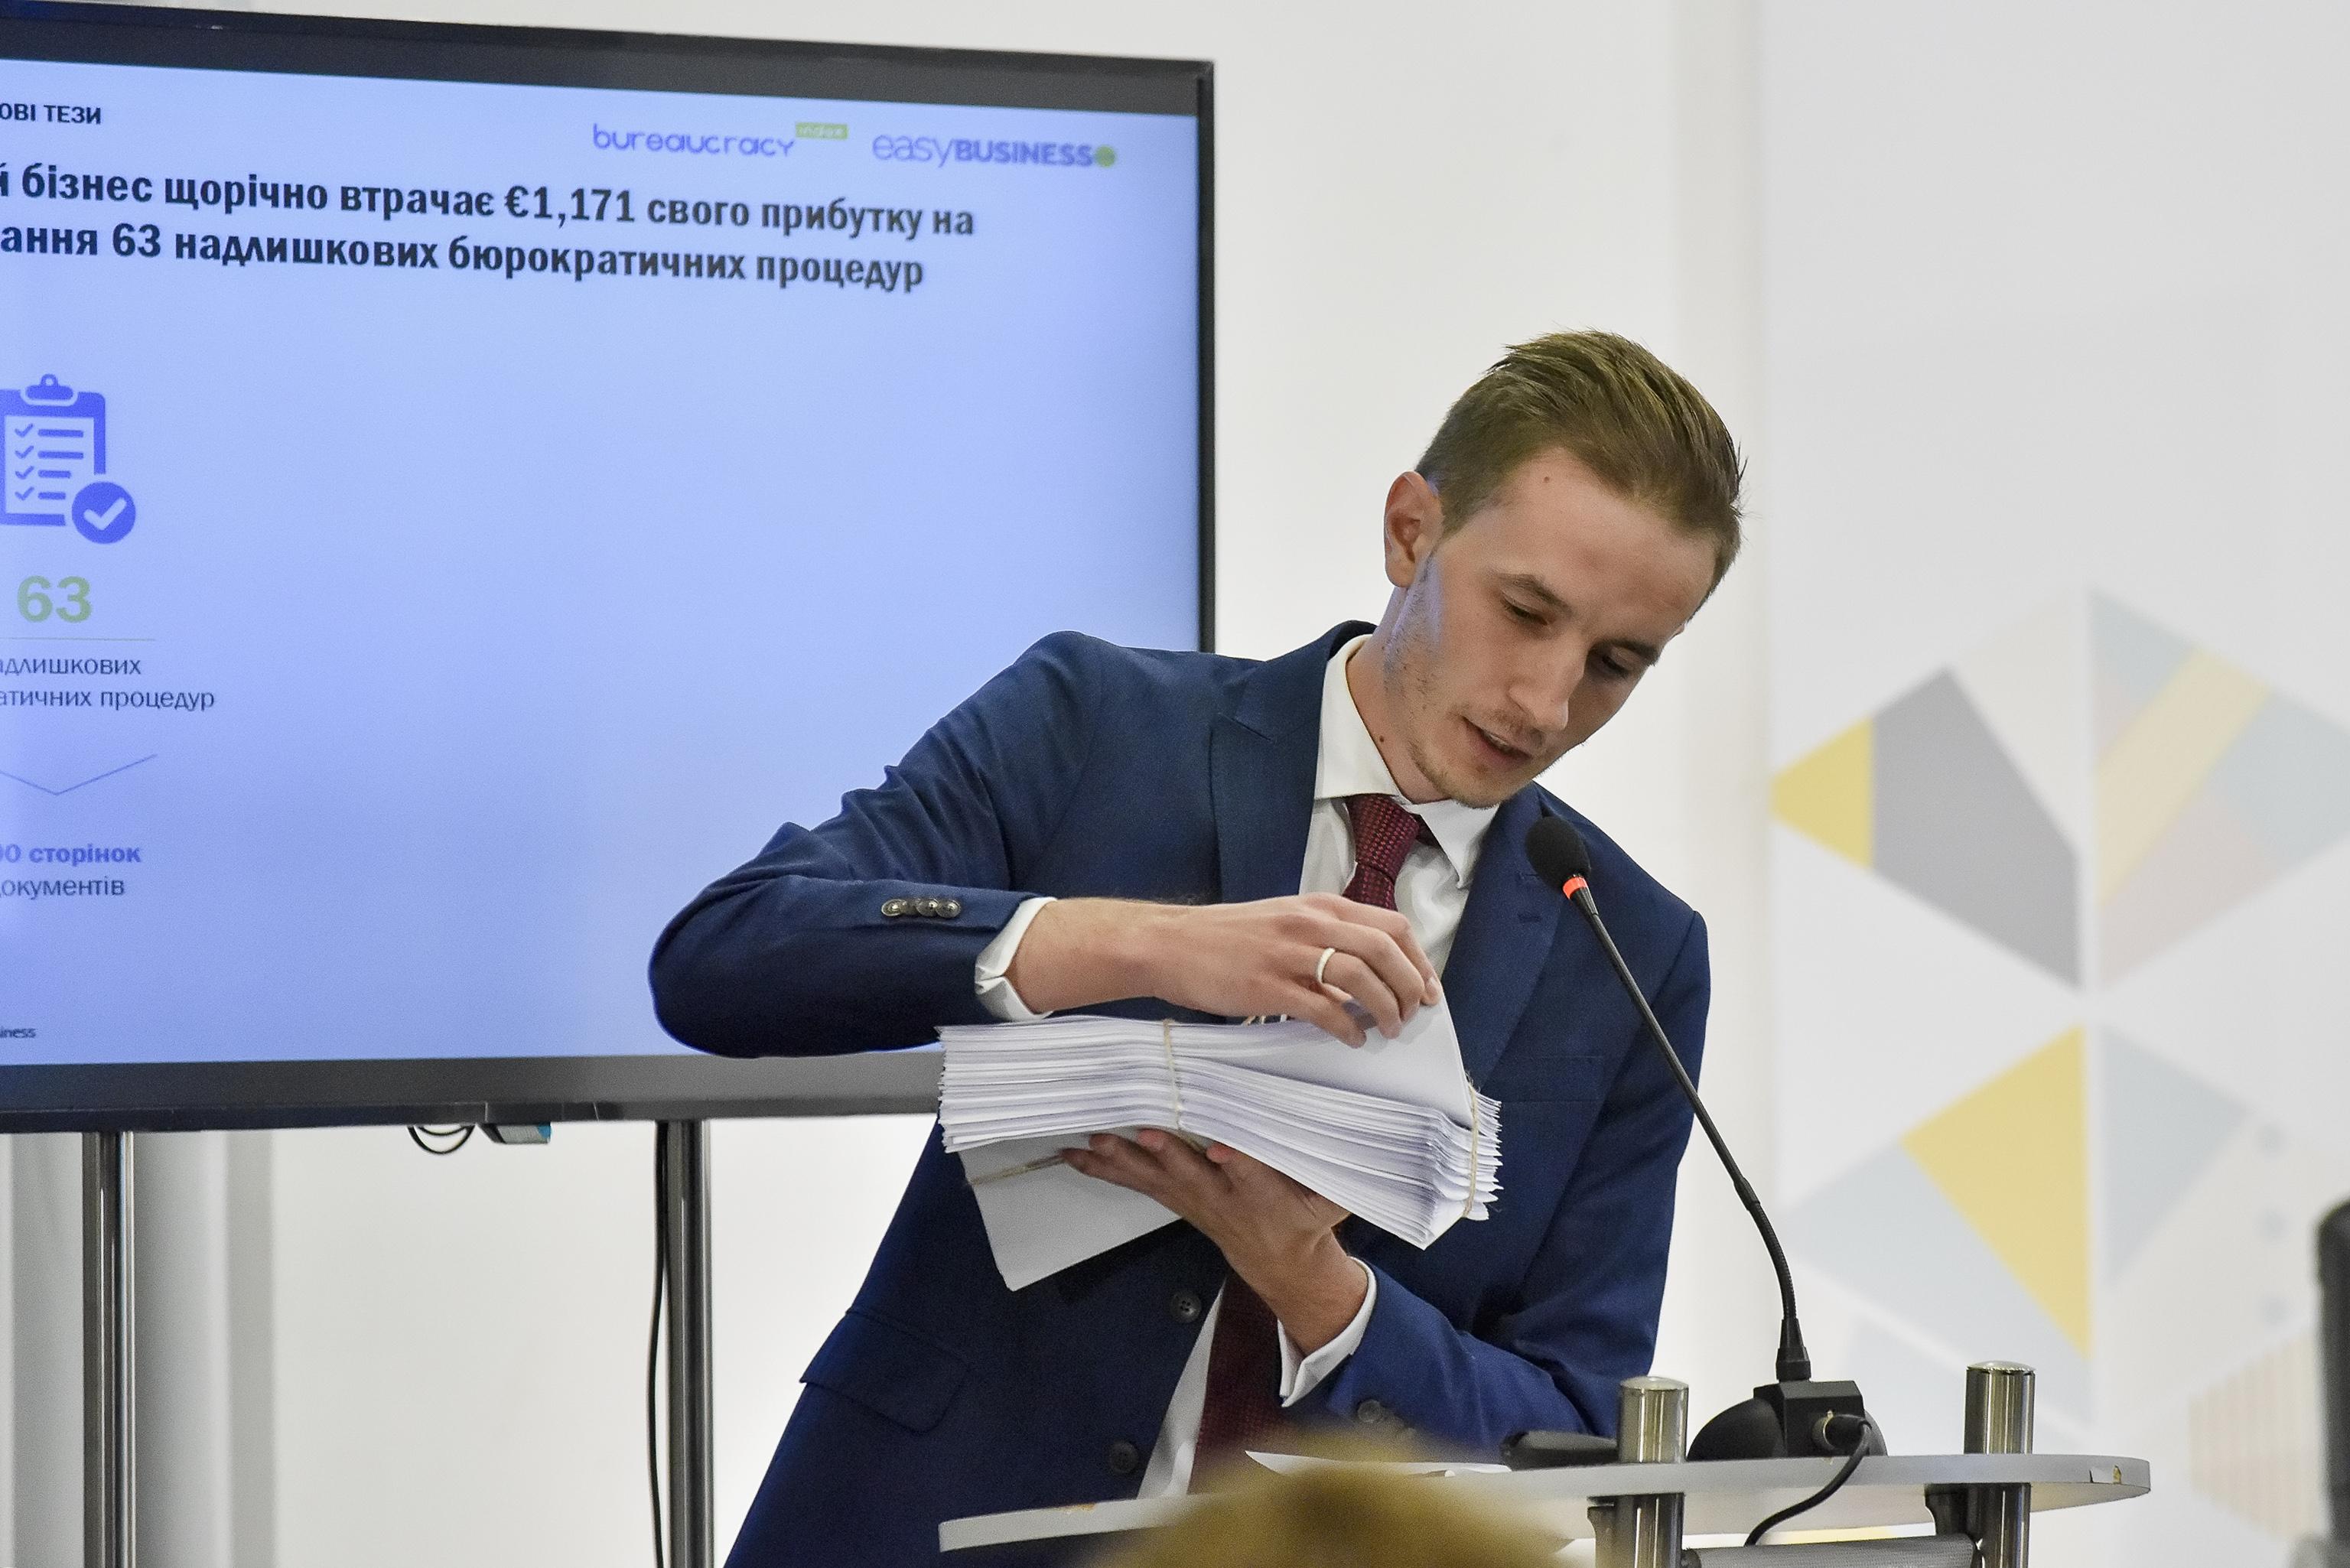 Дерегуляцию бизнеса в рамках экономических реформ власть обещает все 5 лет после Майдана 2014-го